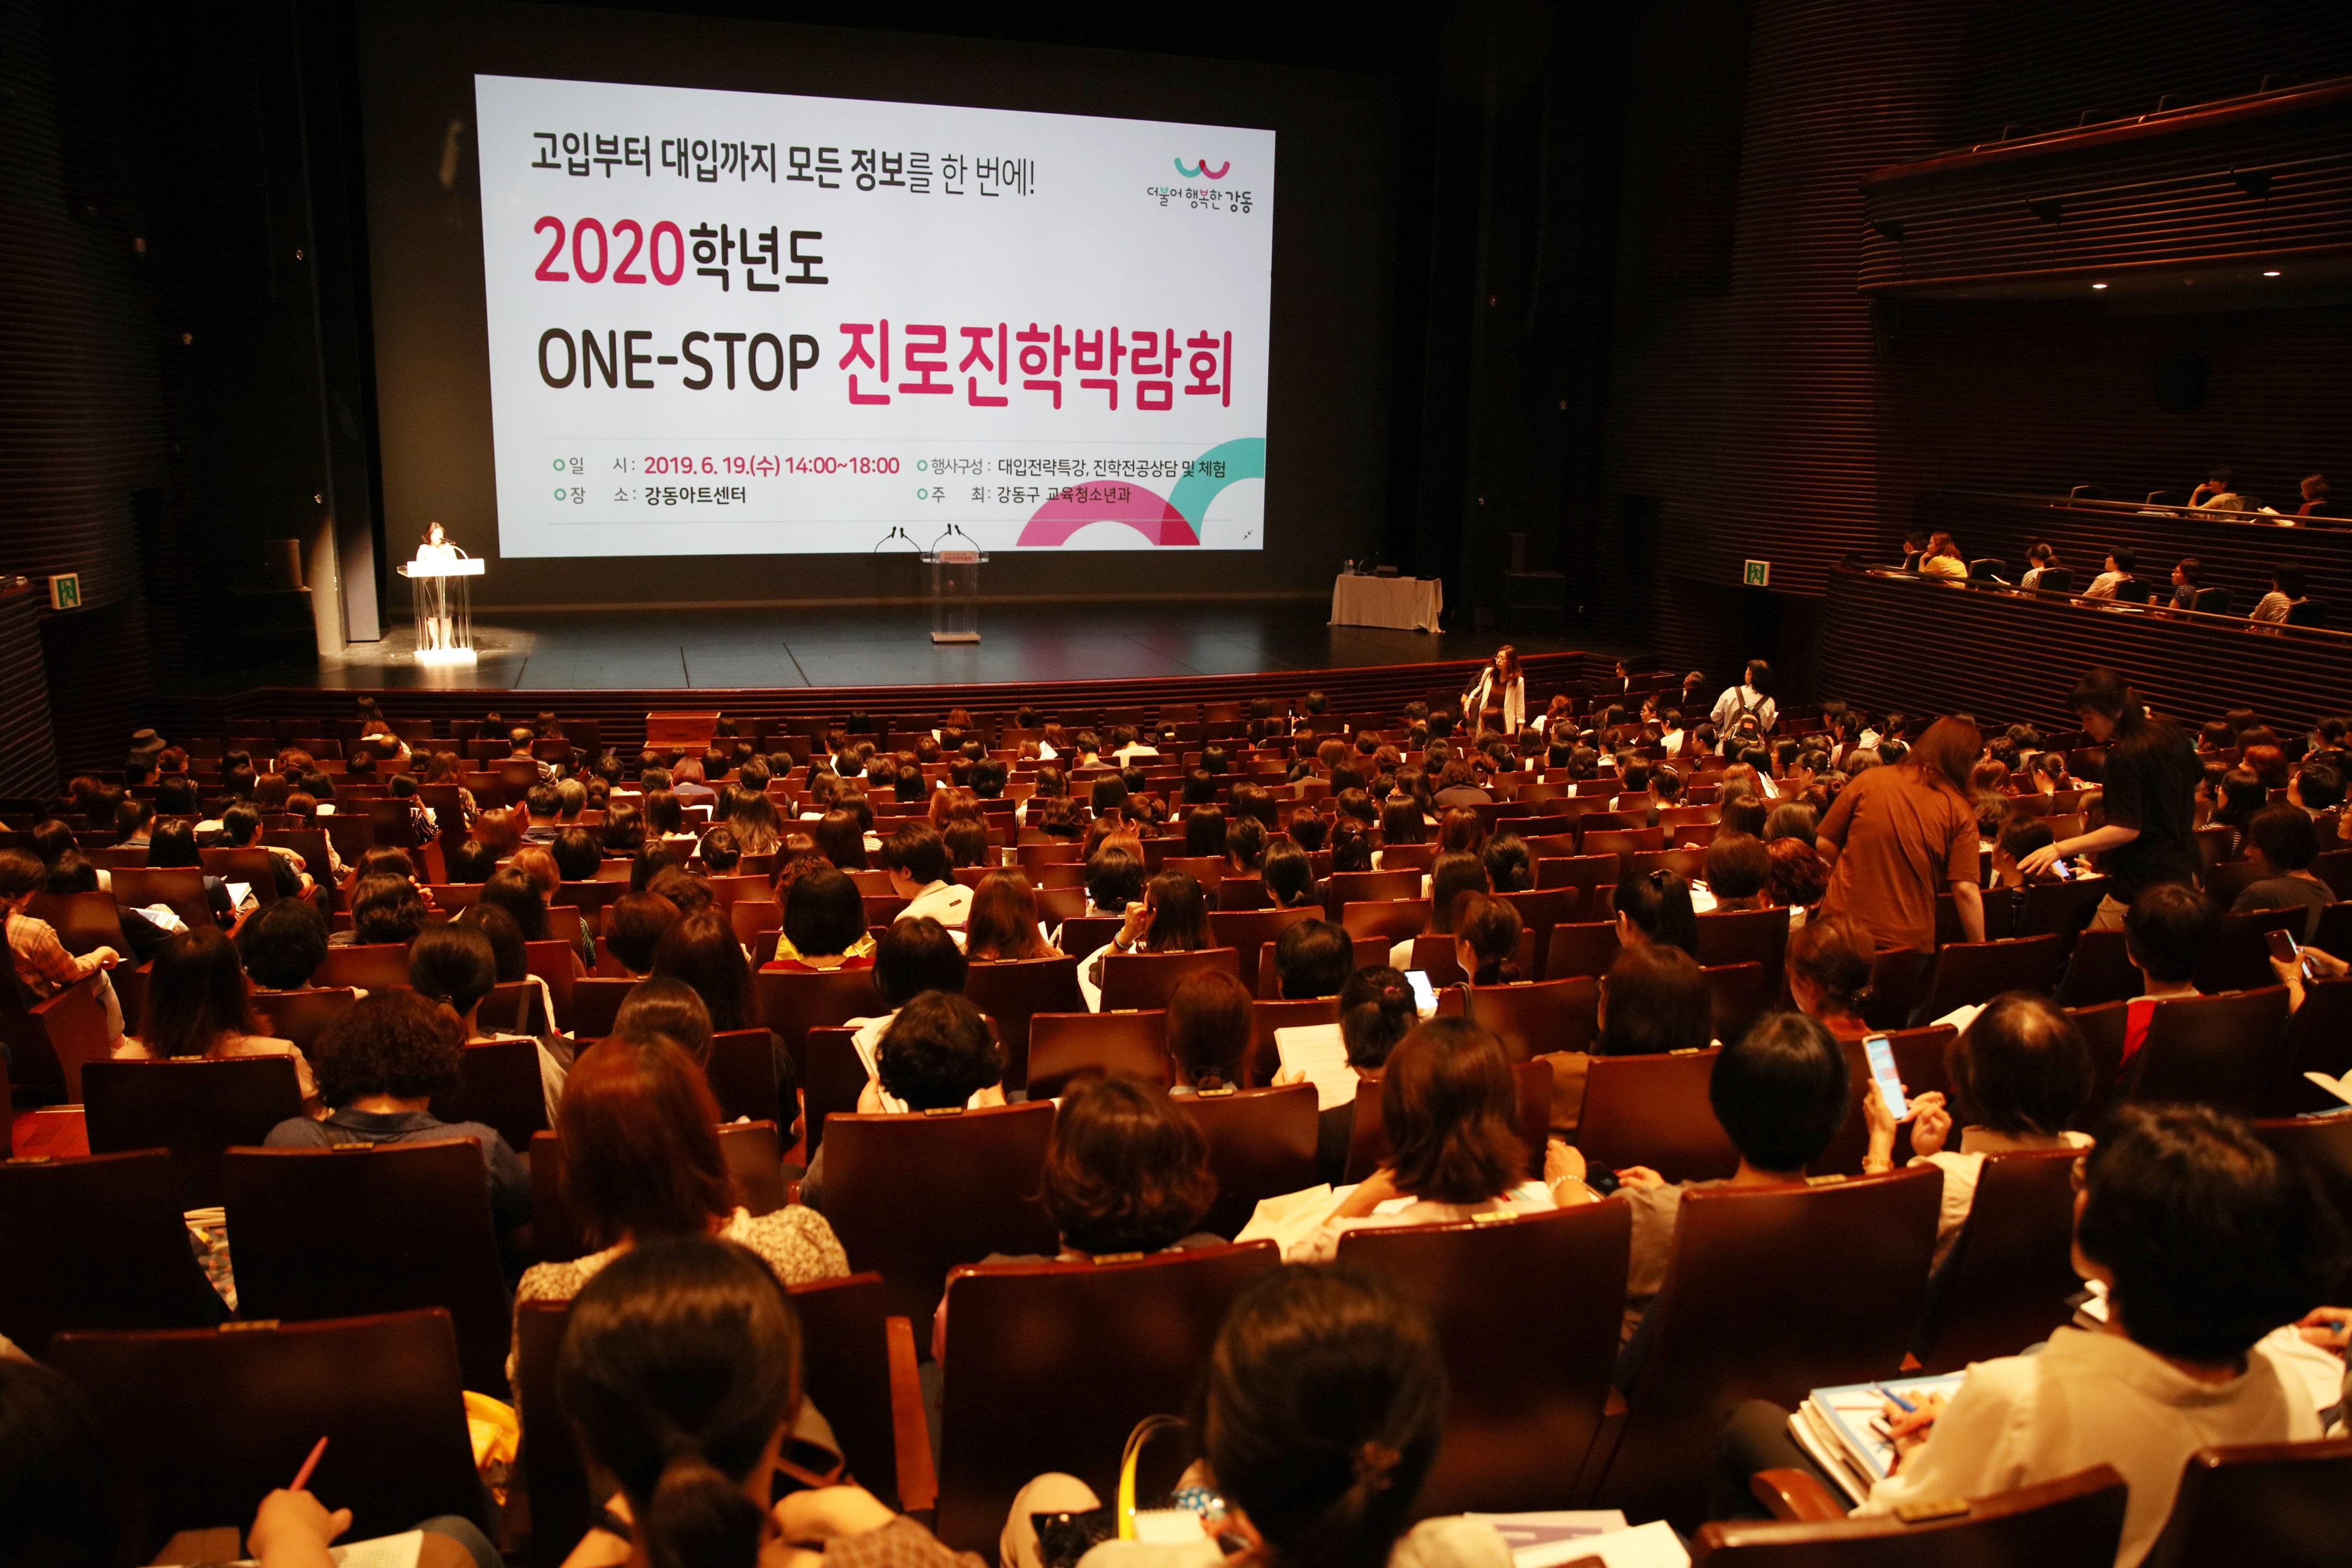 강동구, 2020학년도 전문대 진로진학 박람회 개최